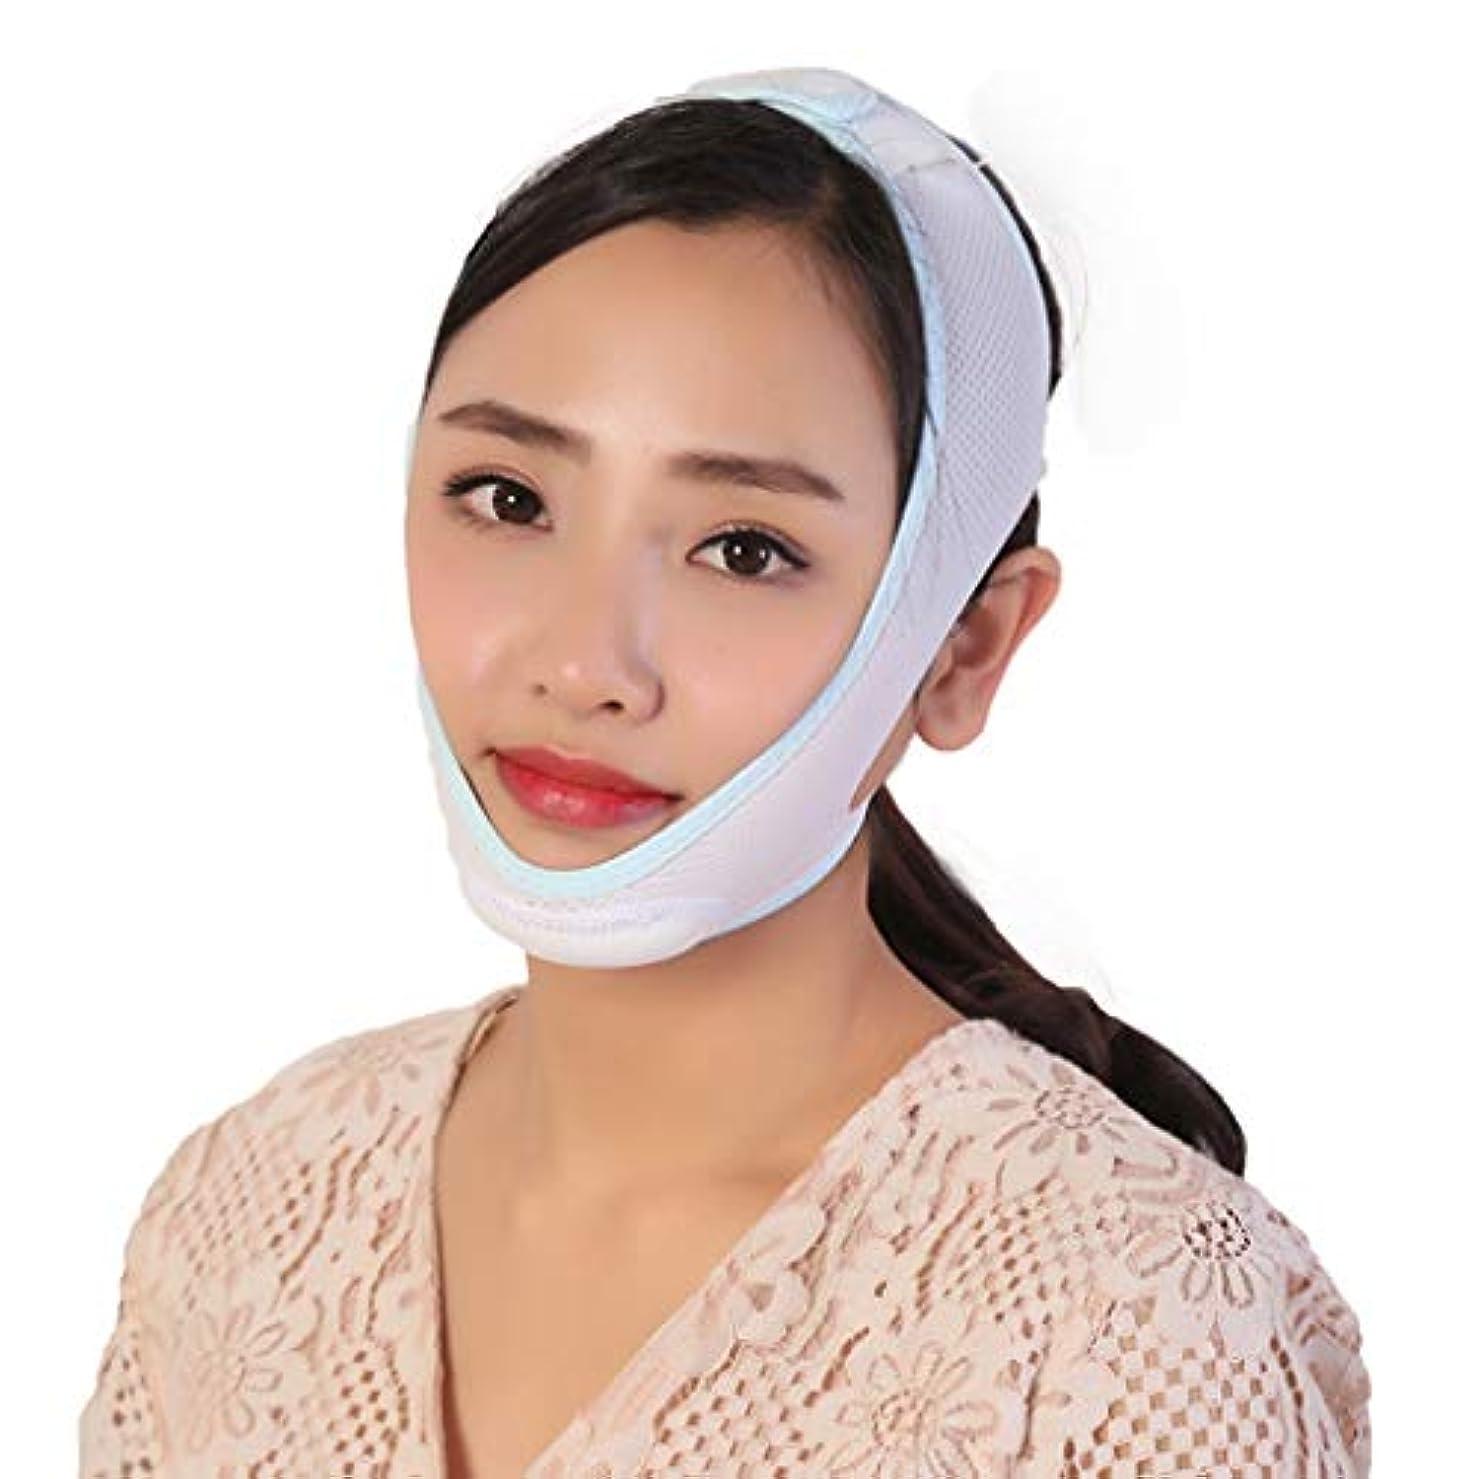 胸偽物データベース顔の顔を持ち上げる顔のマスクを改善するために快適な顔面曲線包括的通気性包帯